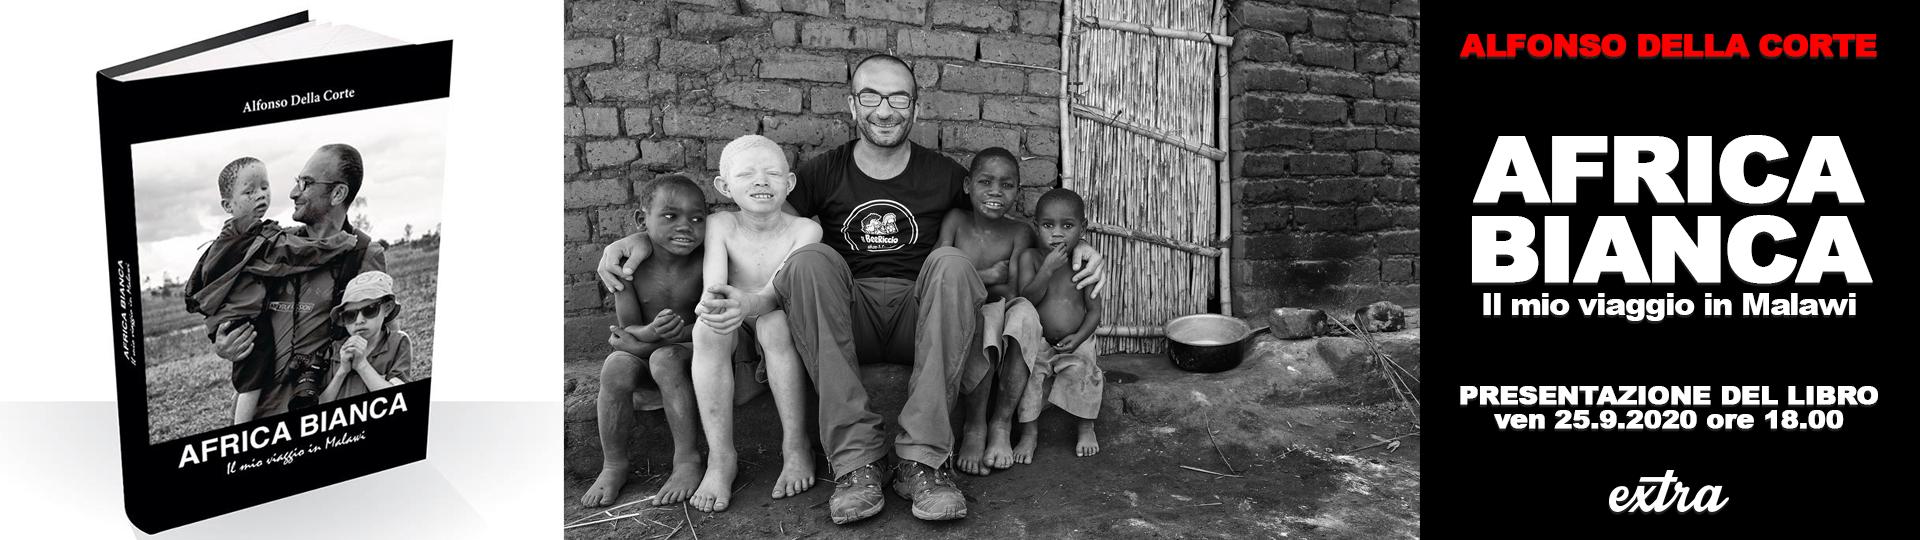 PRESENTAZIONE DEL LIBRO AFRICA BIANCA